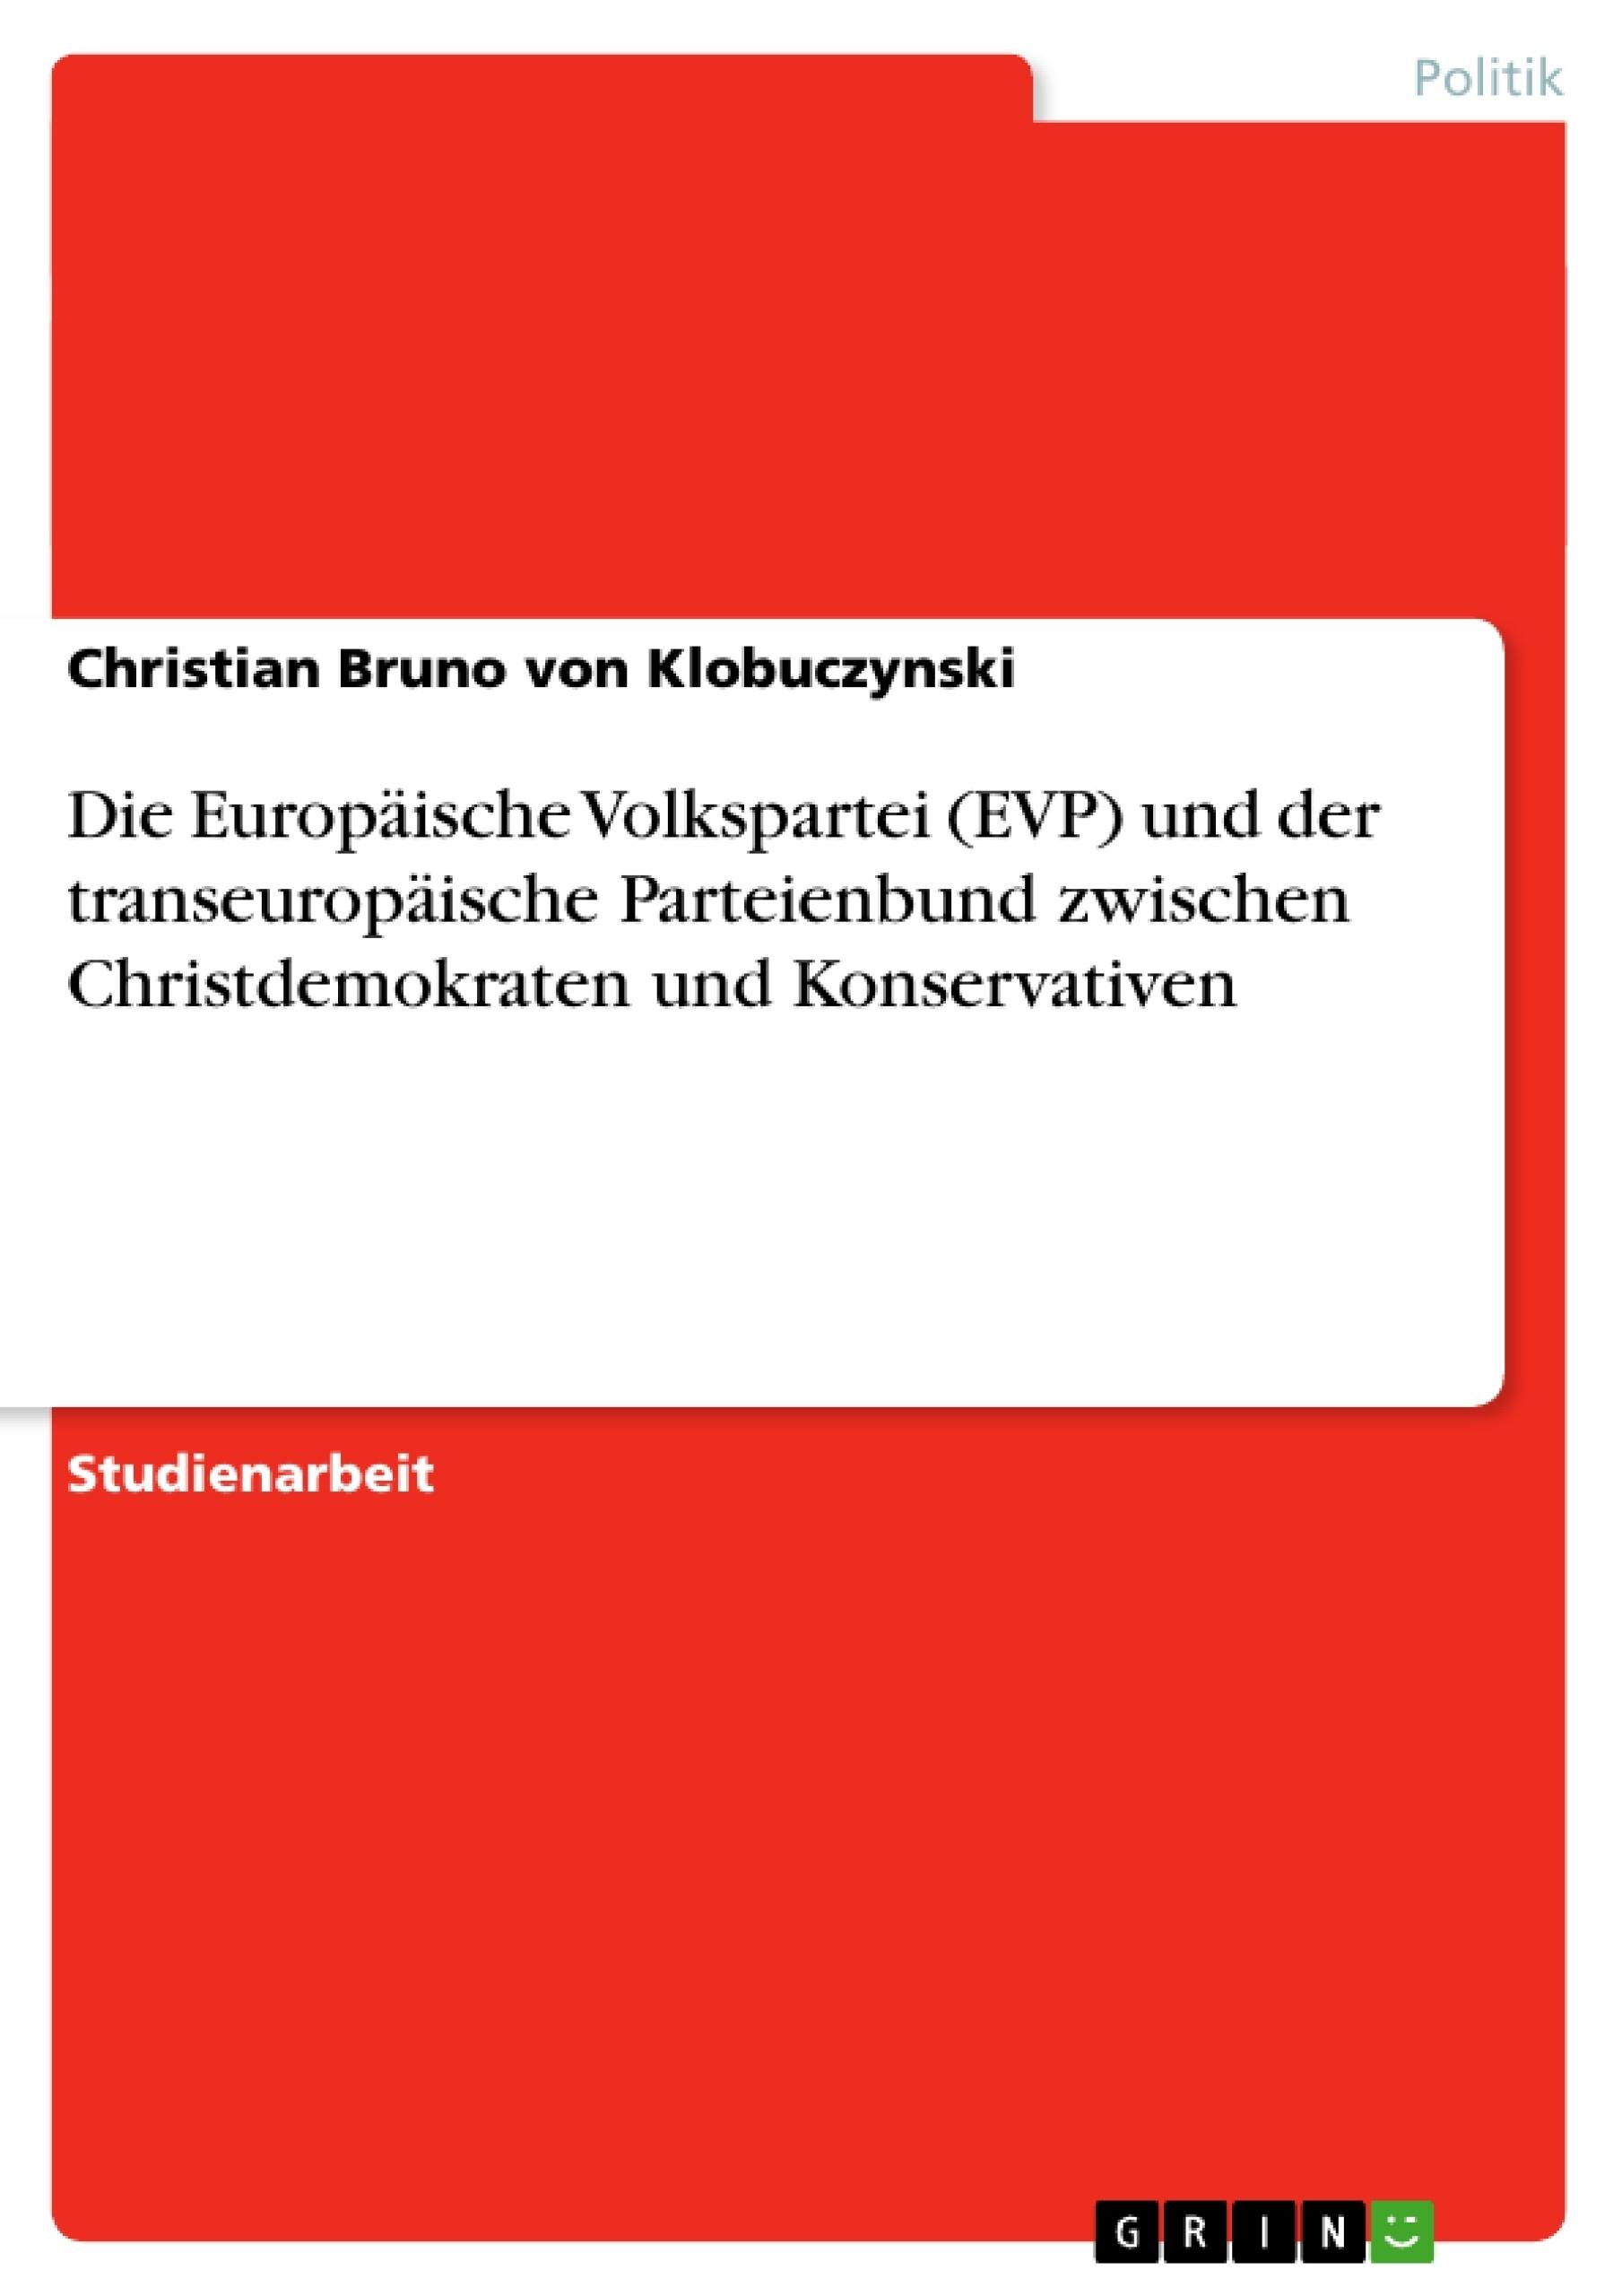 Titel: Die Europäische Volkspartei (EVP) und der transeuropäische Parteienbund zwischen Christdemokraten und Konservativen